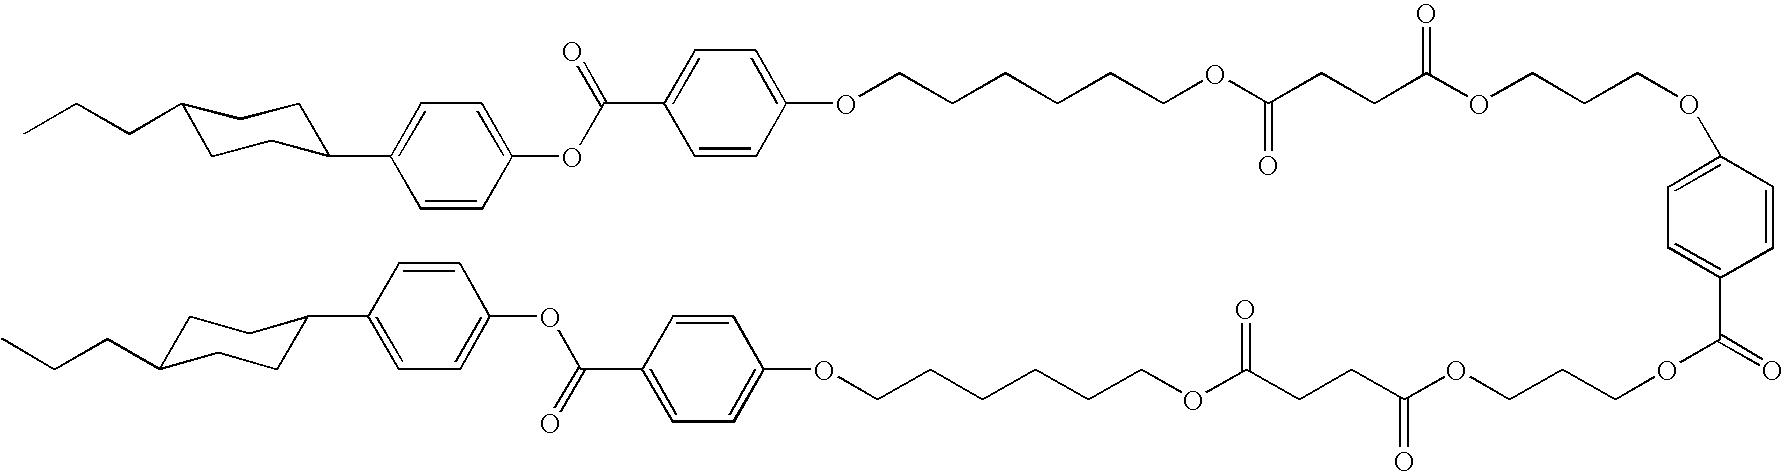 Figure US20100014010A1-20100121-C00028